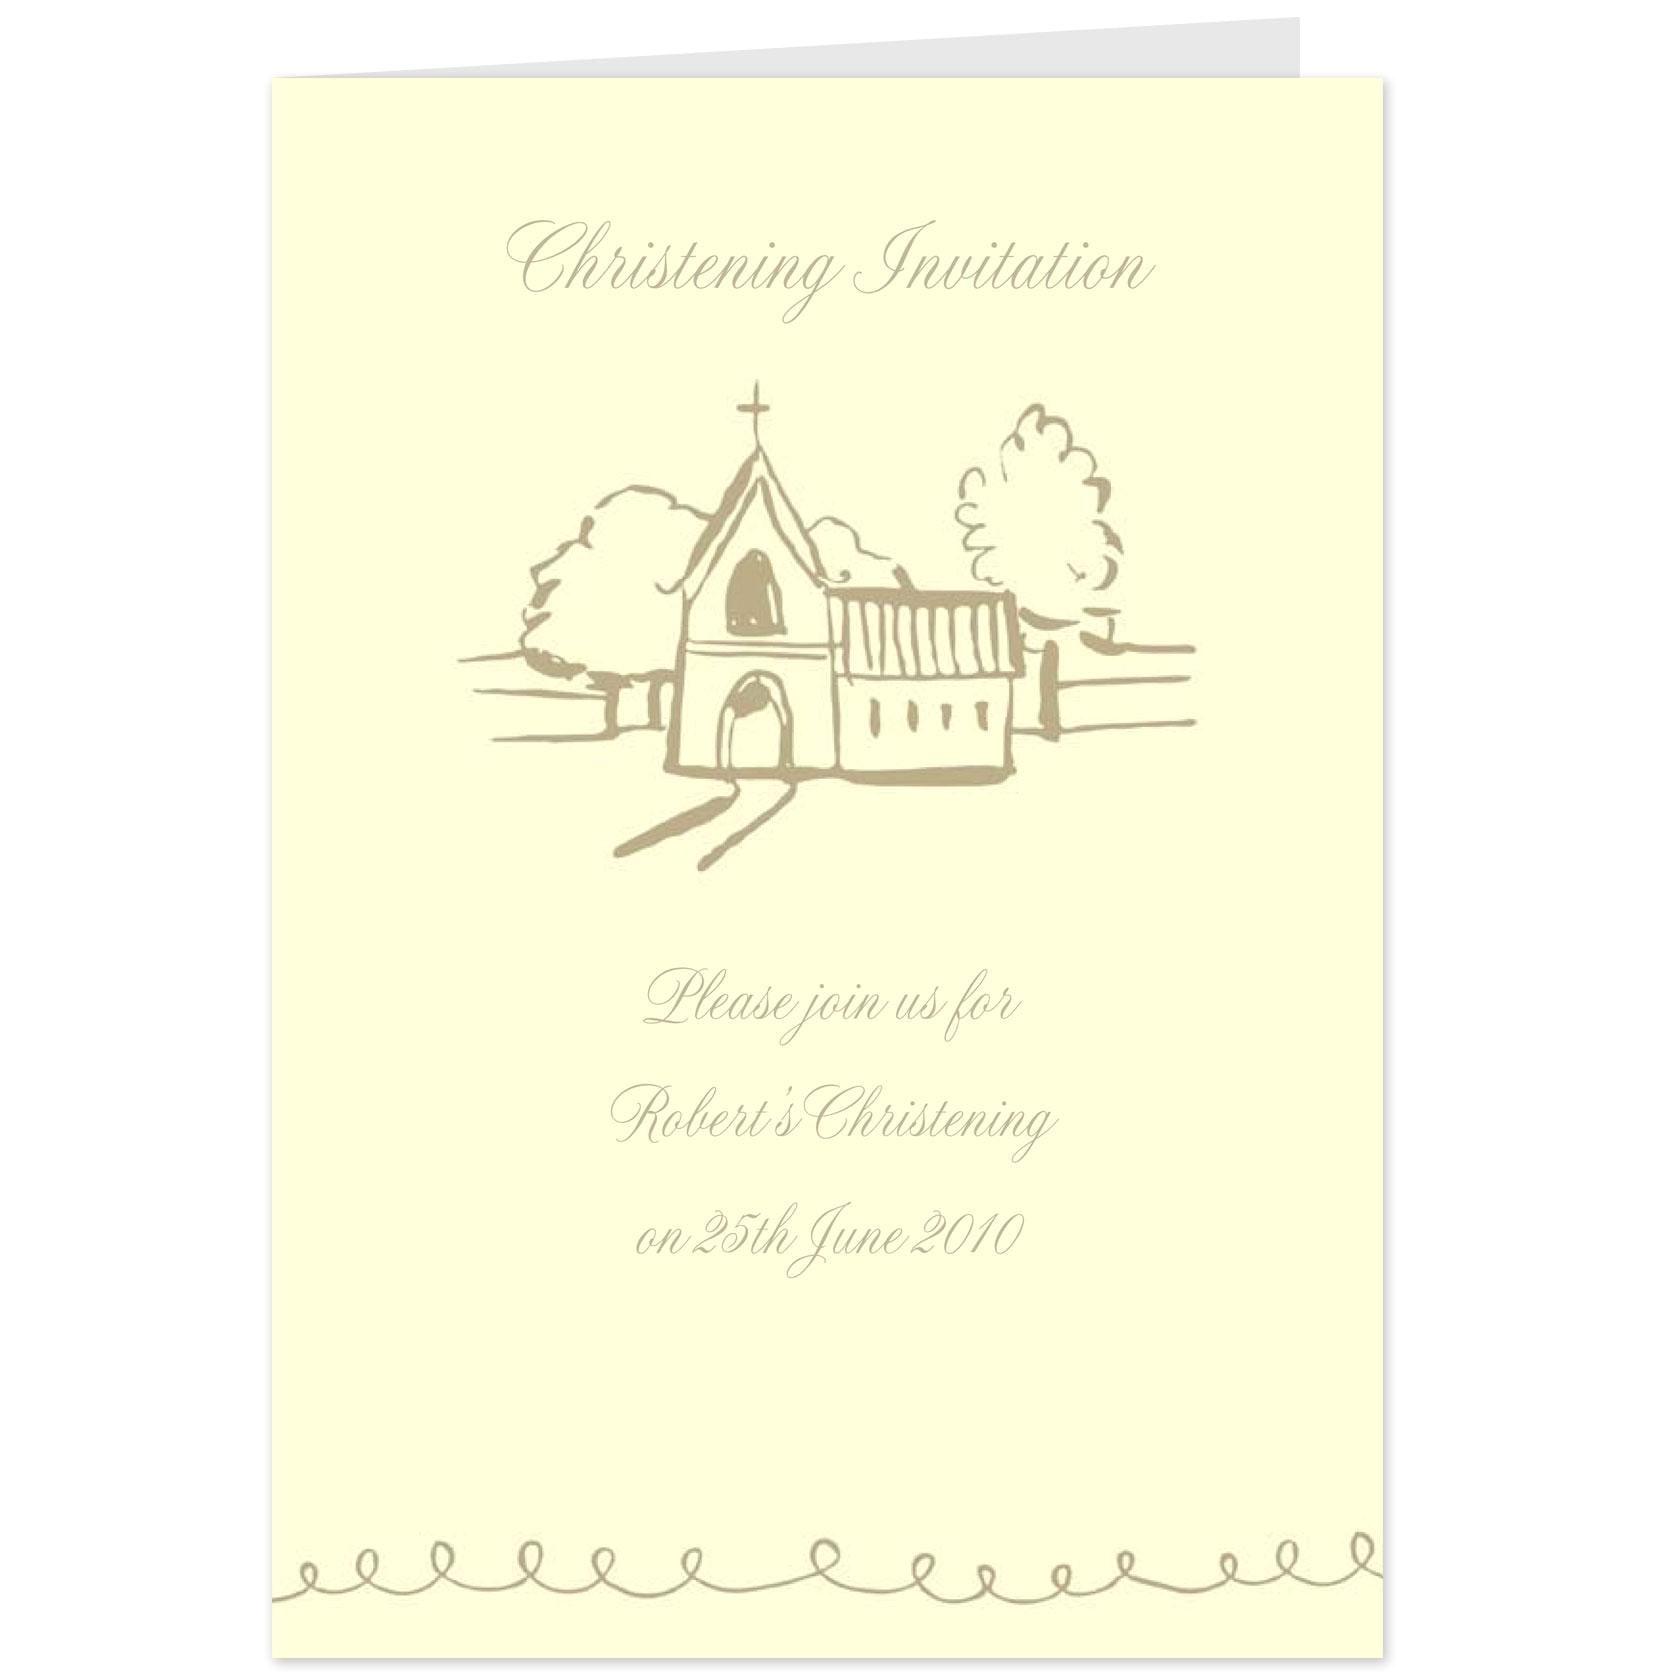 hallmark christening invitation